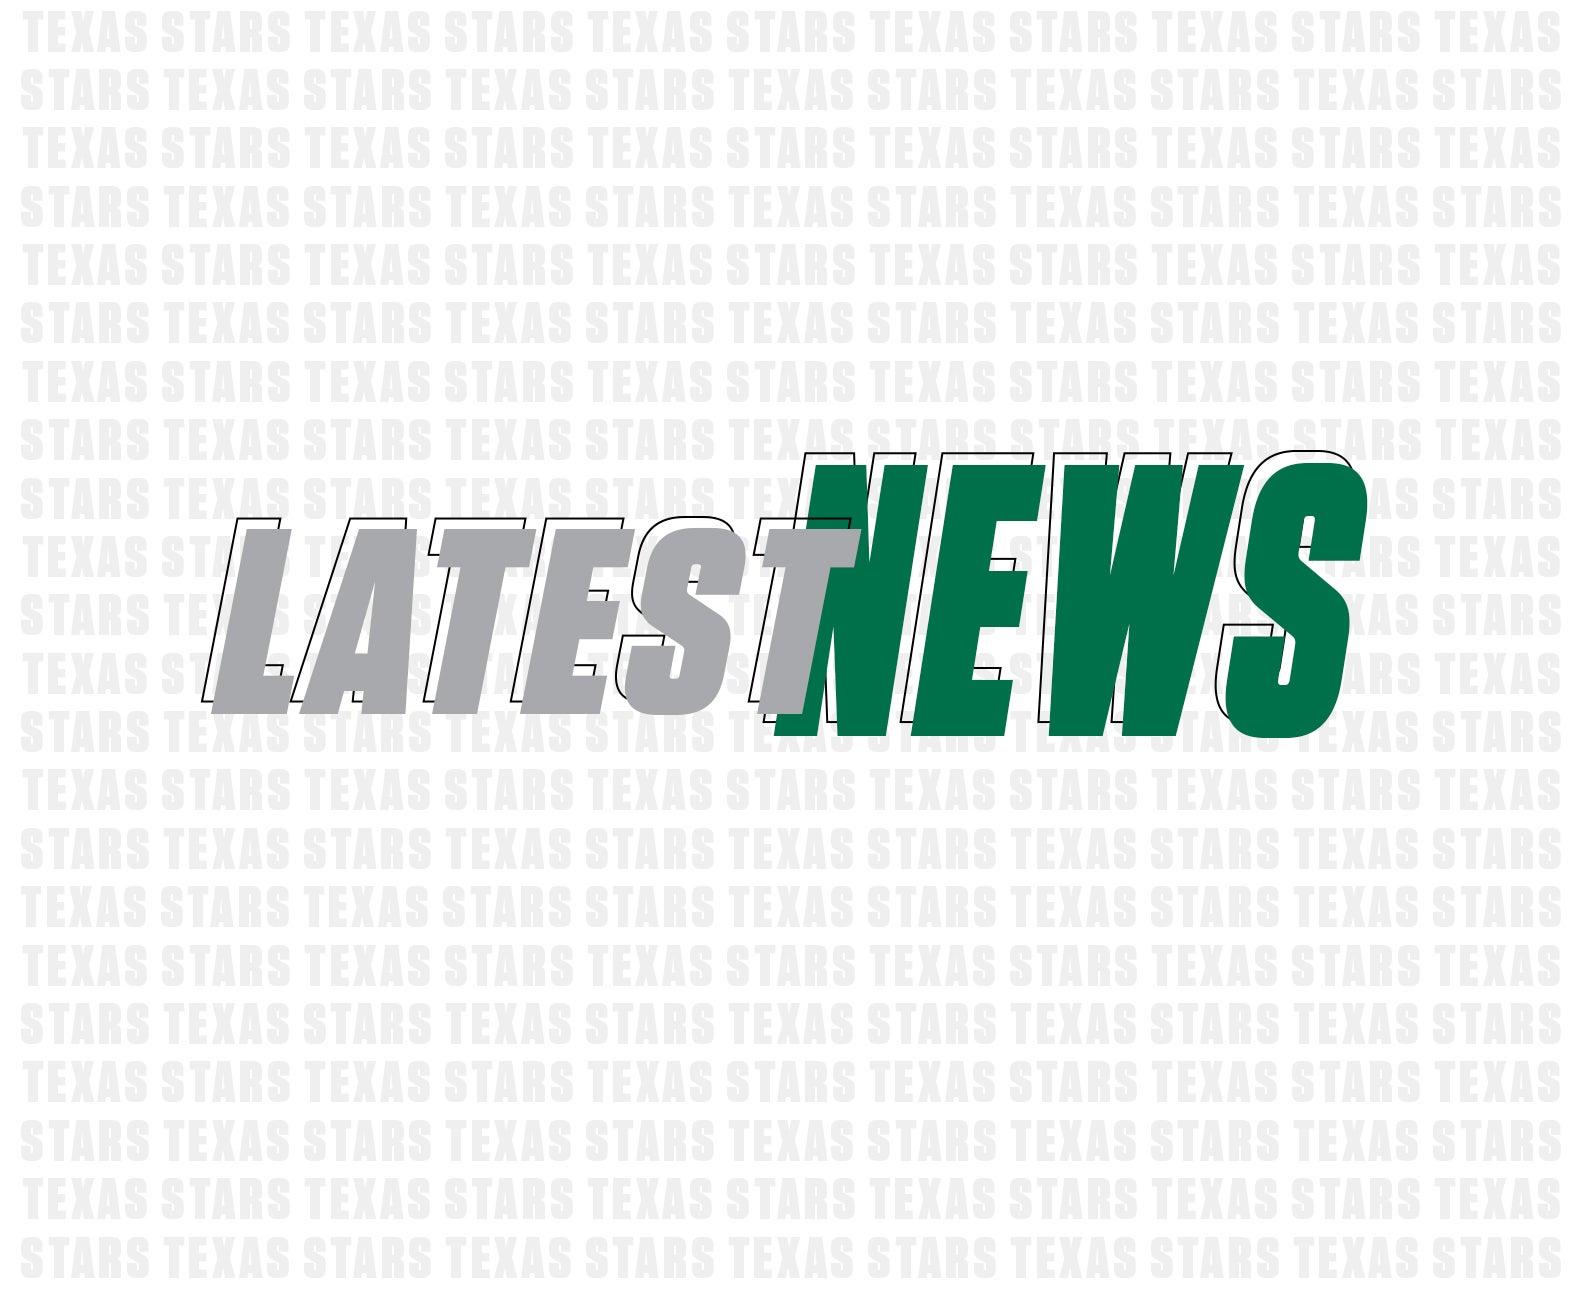 2122WebsiteButtons-Latest News.jpg